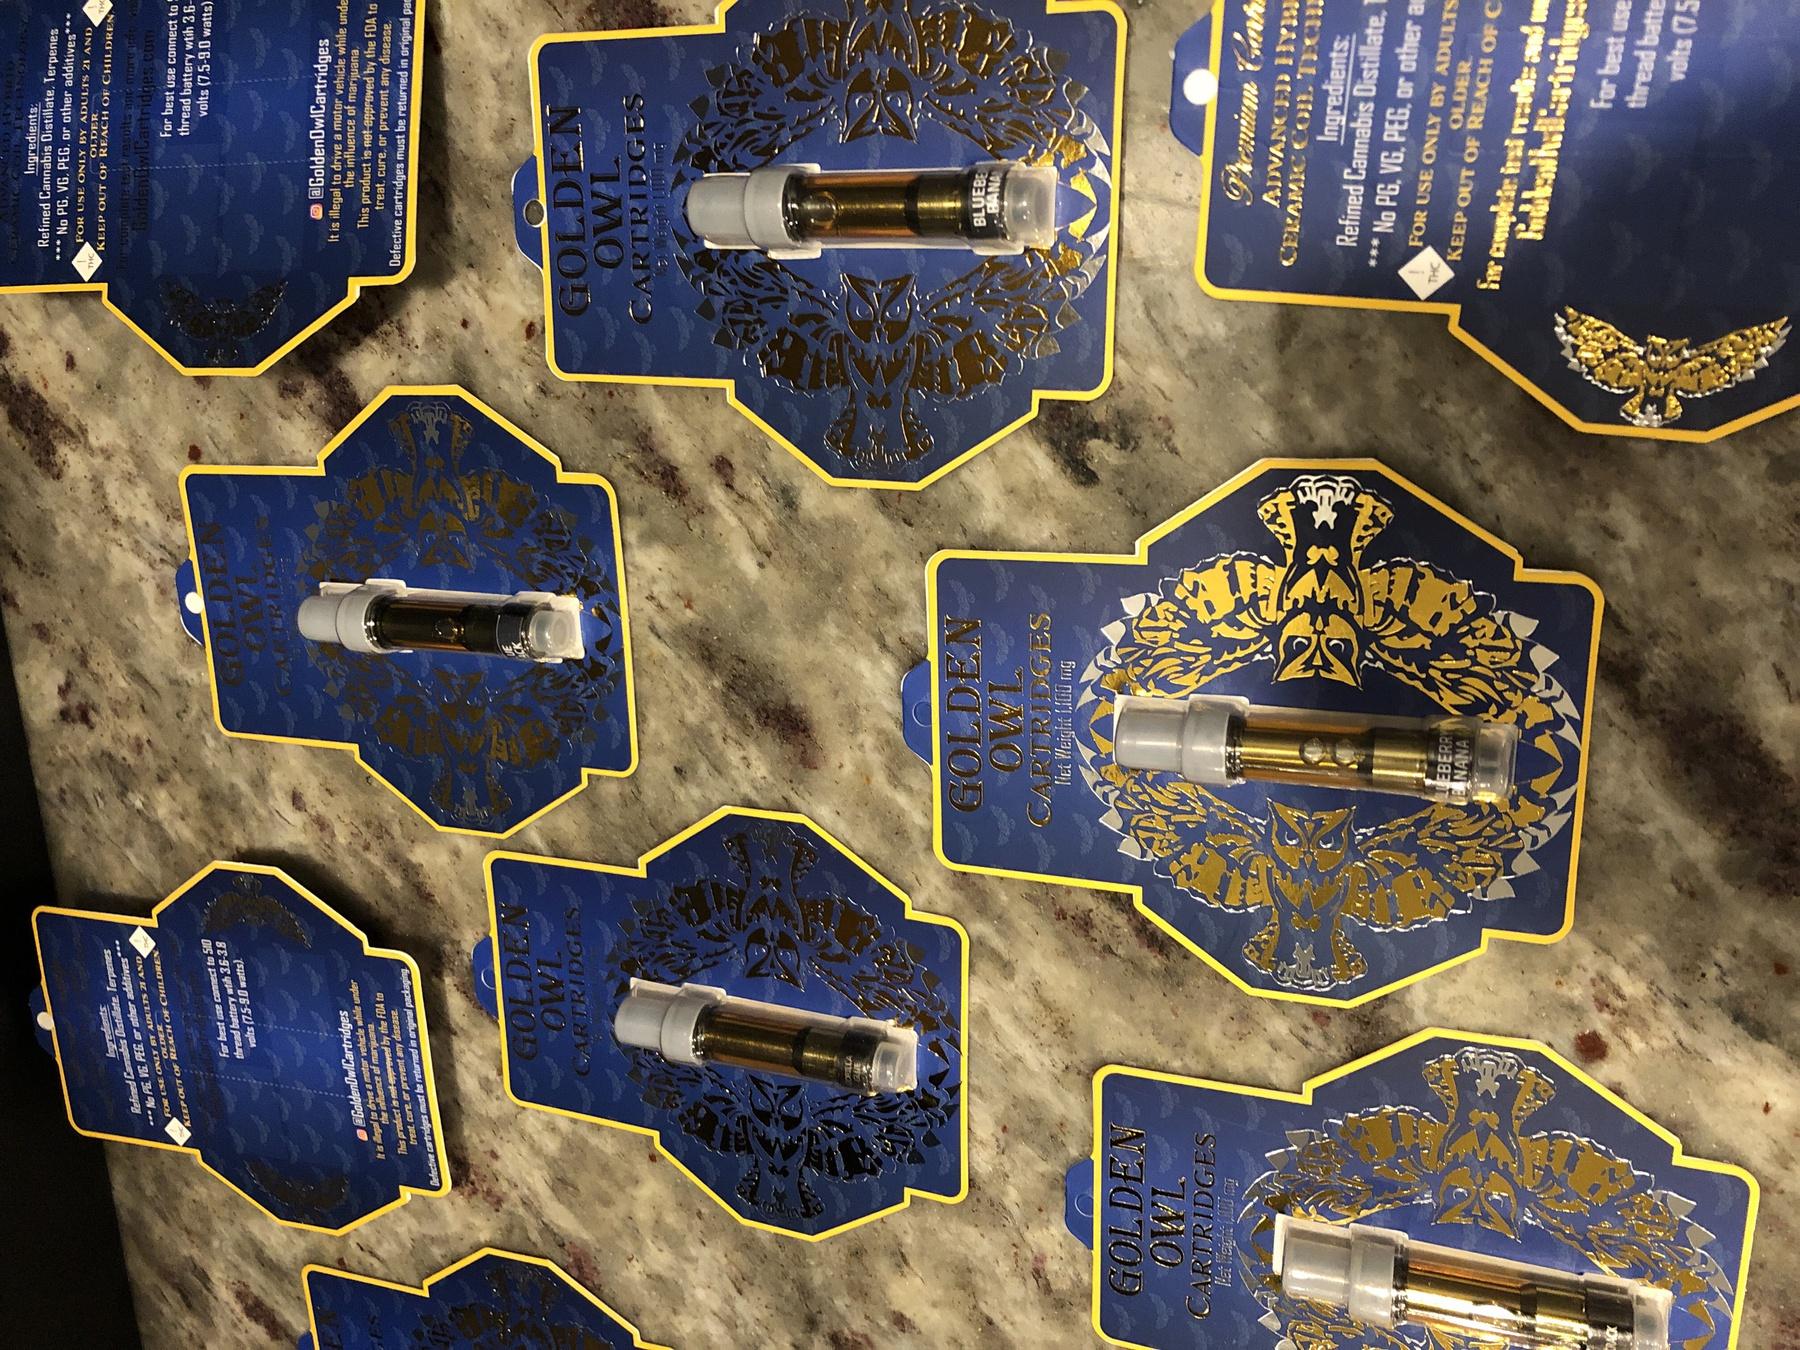 San Fernando Valley OG Kush 1.0 Cartridge (Golden Owl Brand) Product image